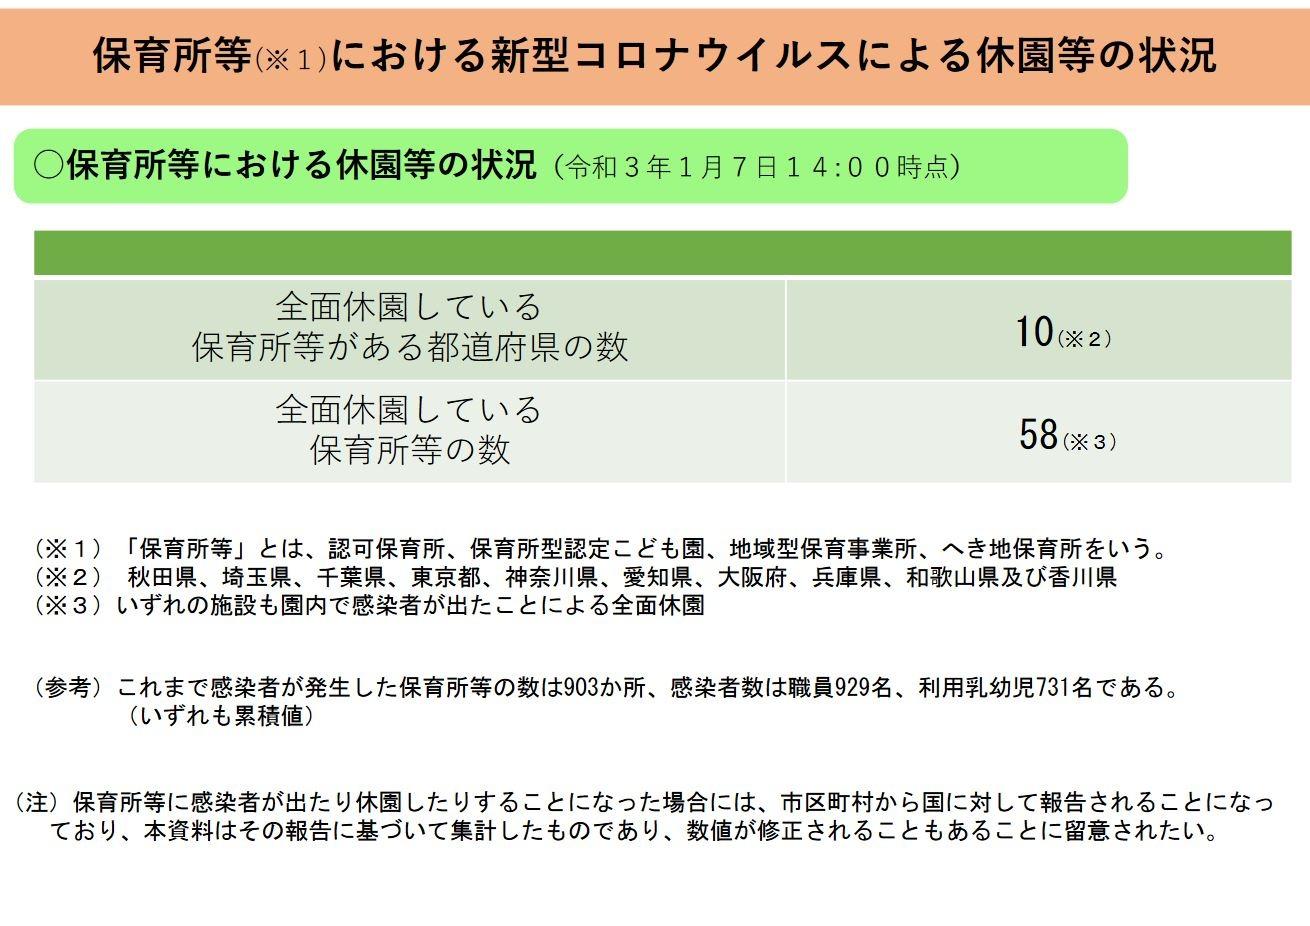 の 東京 今日 感染 コロナ 数 都 の 者